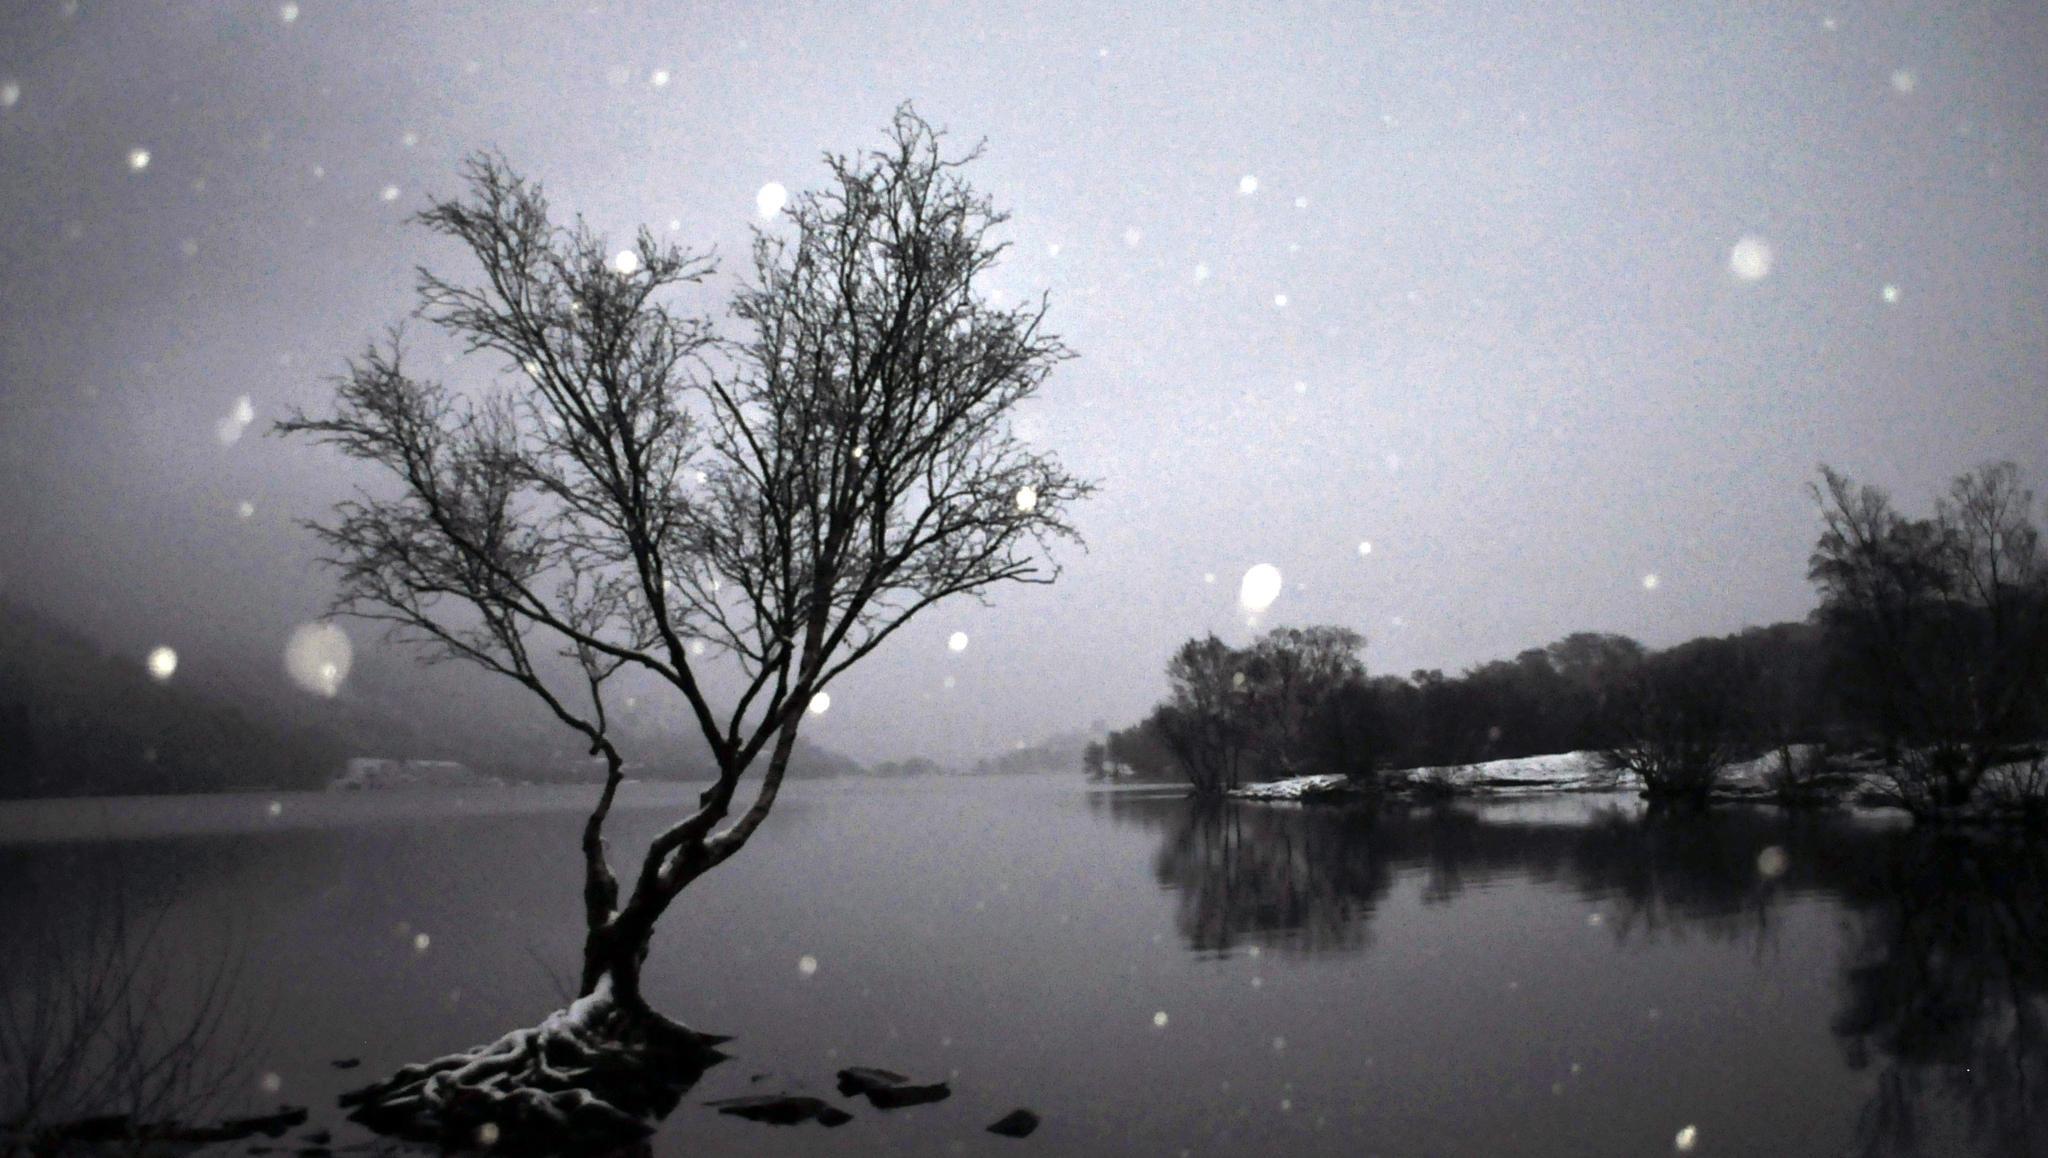 Snowing on tree&padarn lake. by hefin.owen